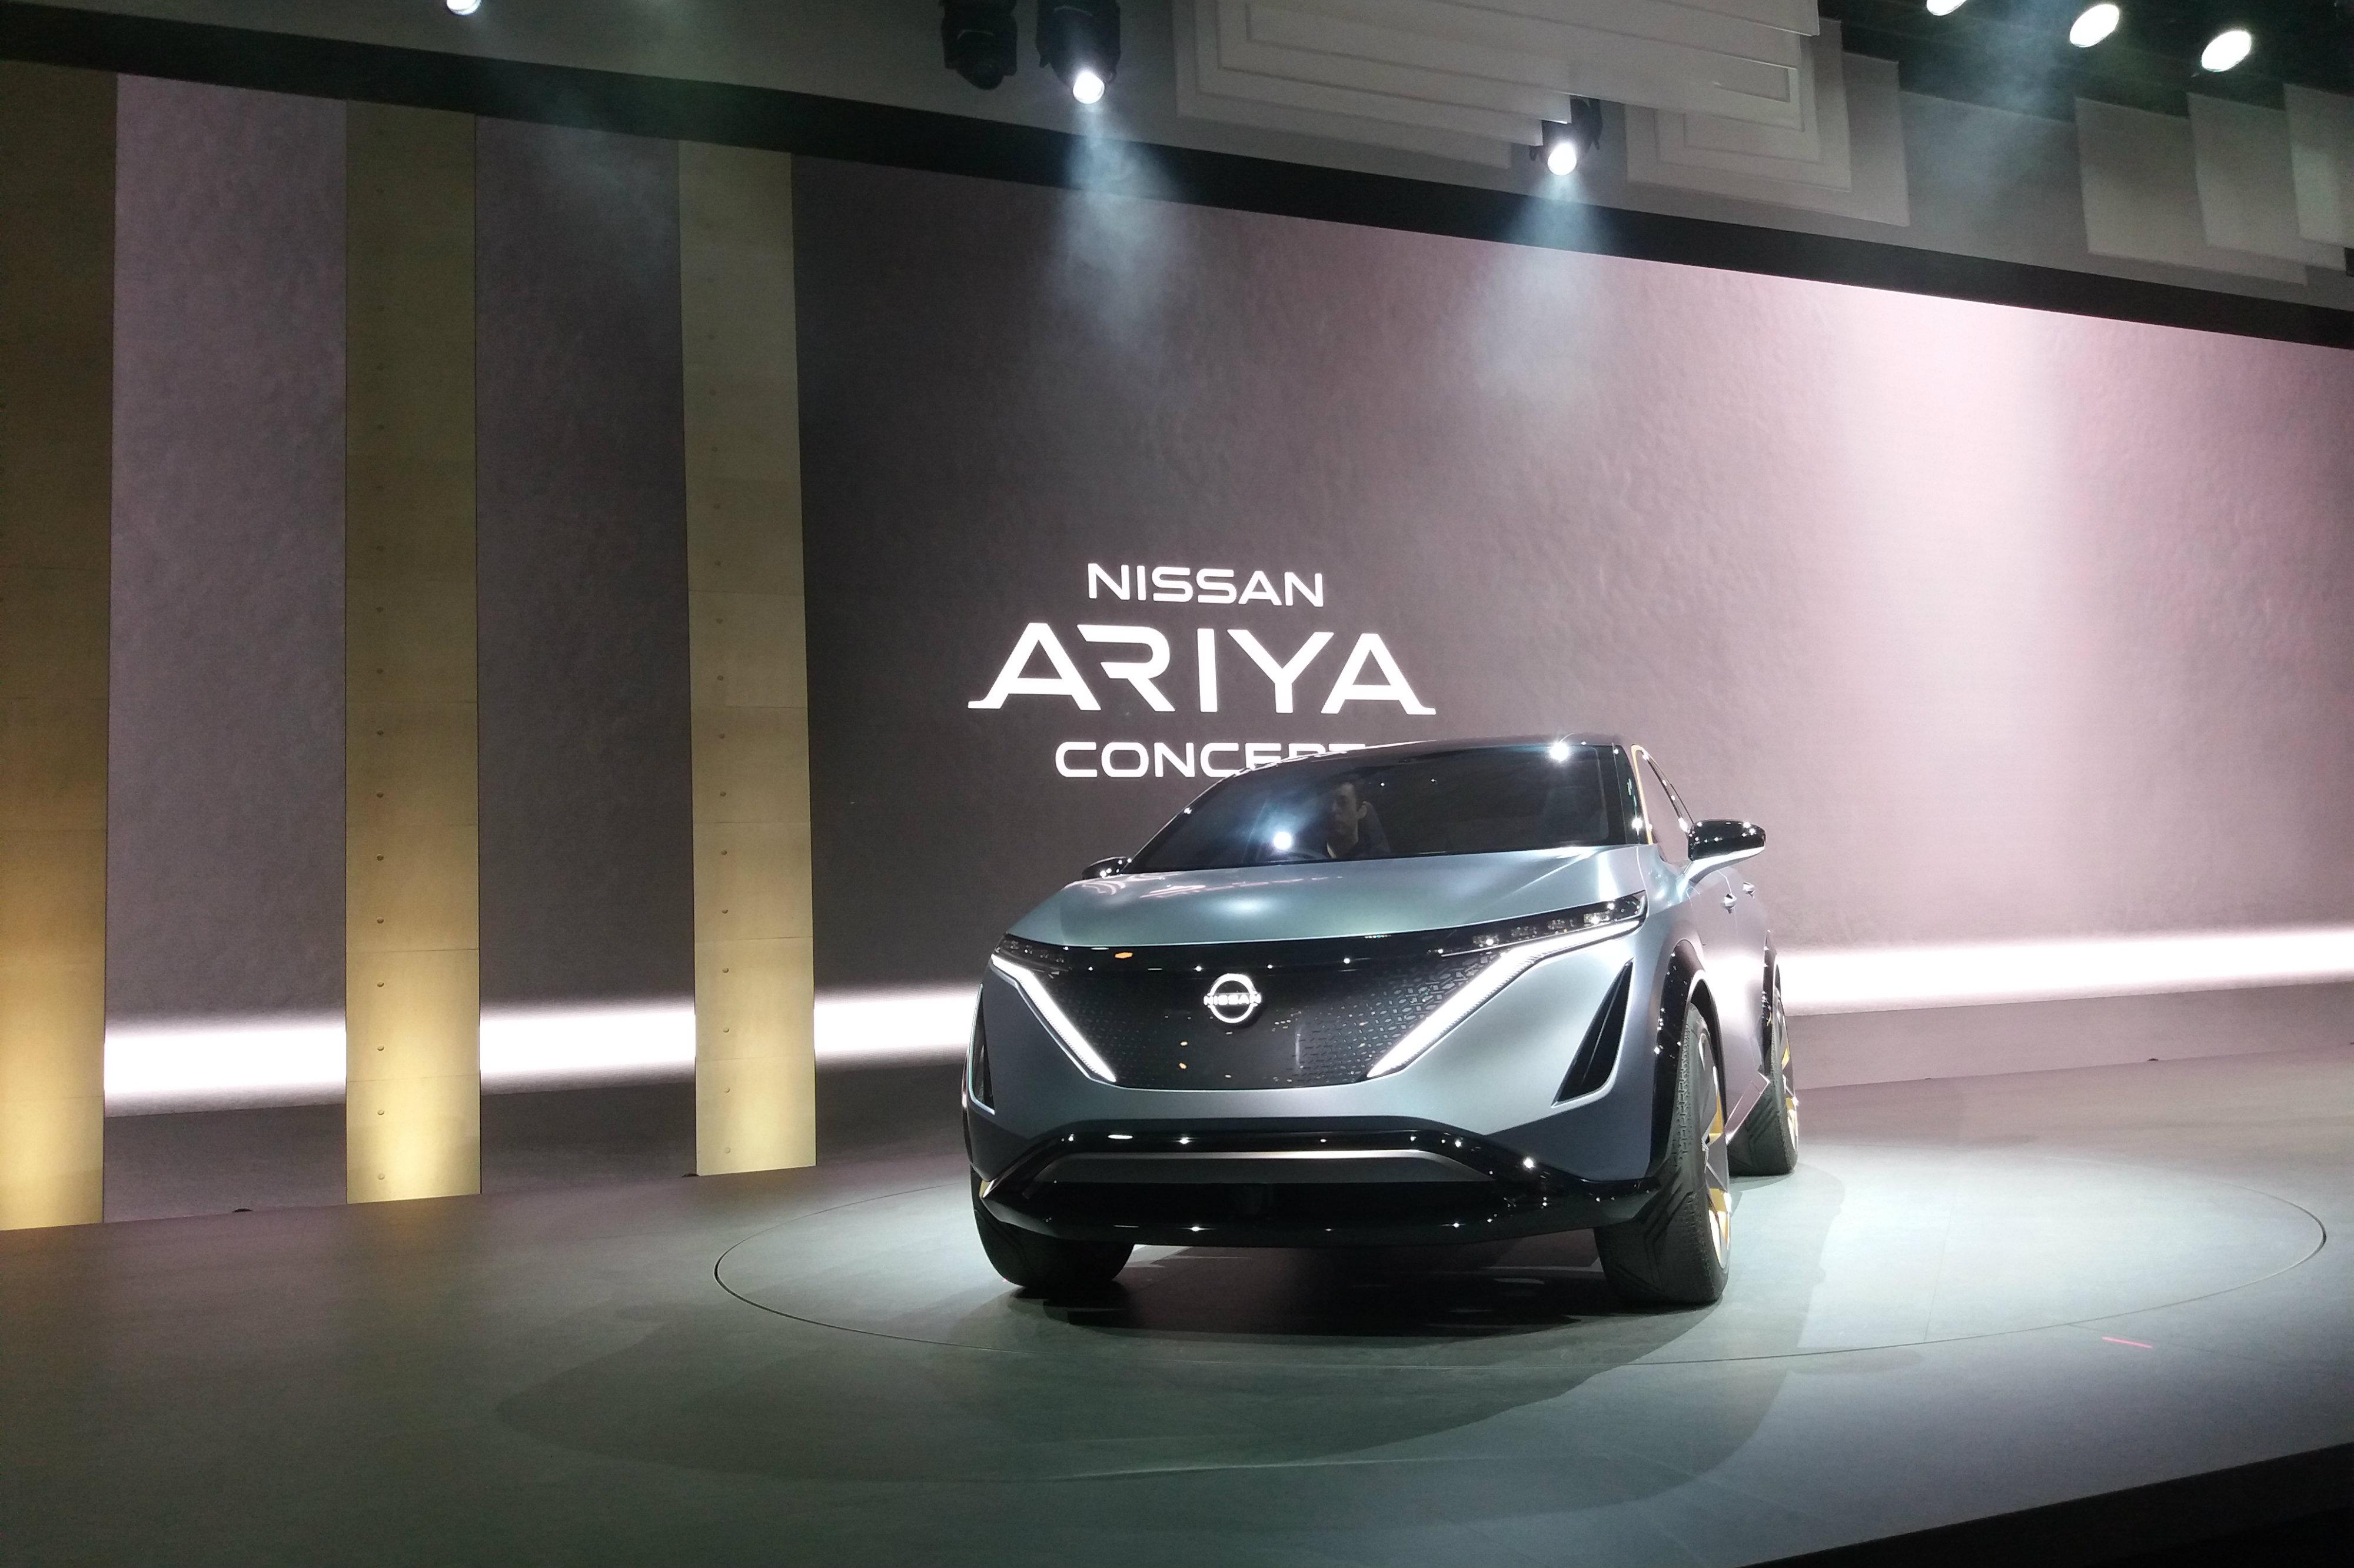 [Tokyo 2019] Assistant personnel, tableau de bord haptique, aide à la conduite... Nissan dévoile l'Ariya Concept